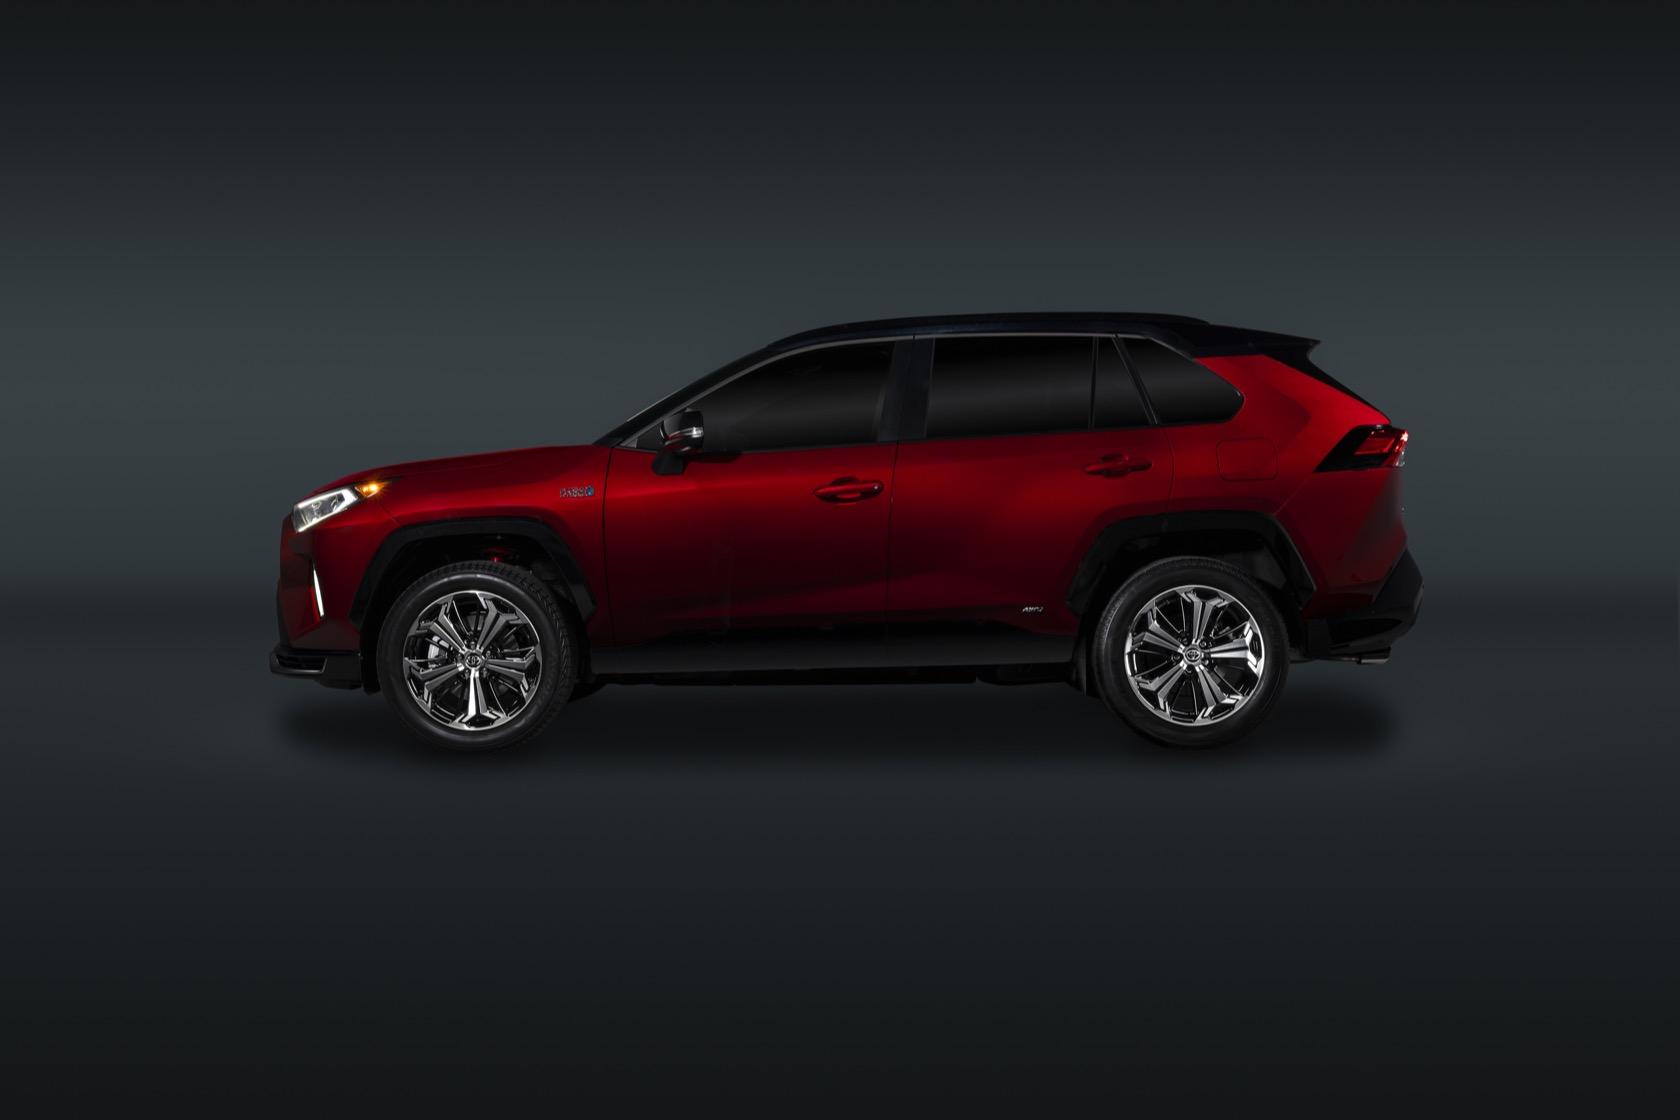 Toyota Rav4 Se >> 2021 Toyota RAV4 Prime Gallery - SlashGear